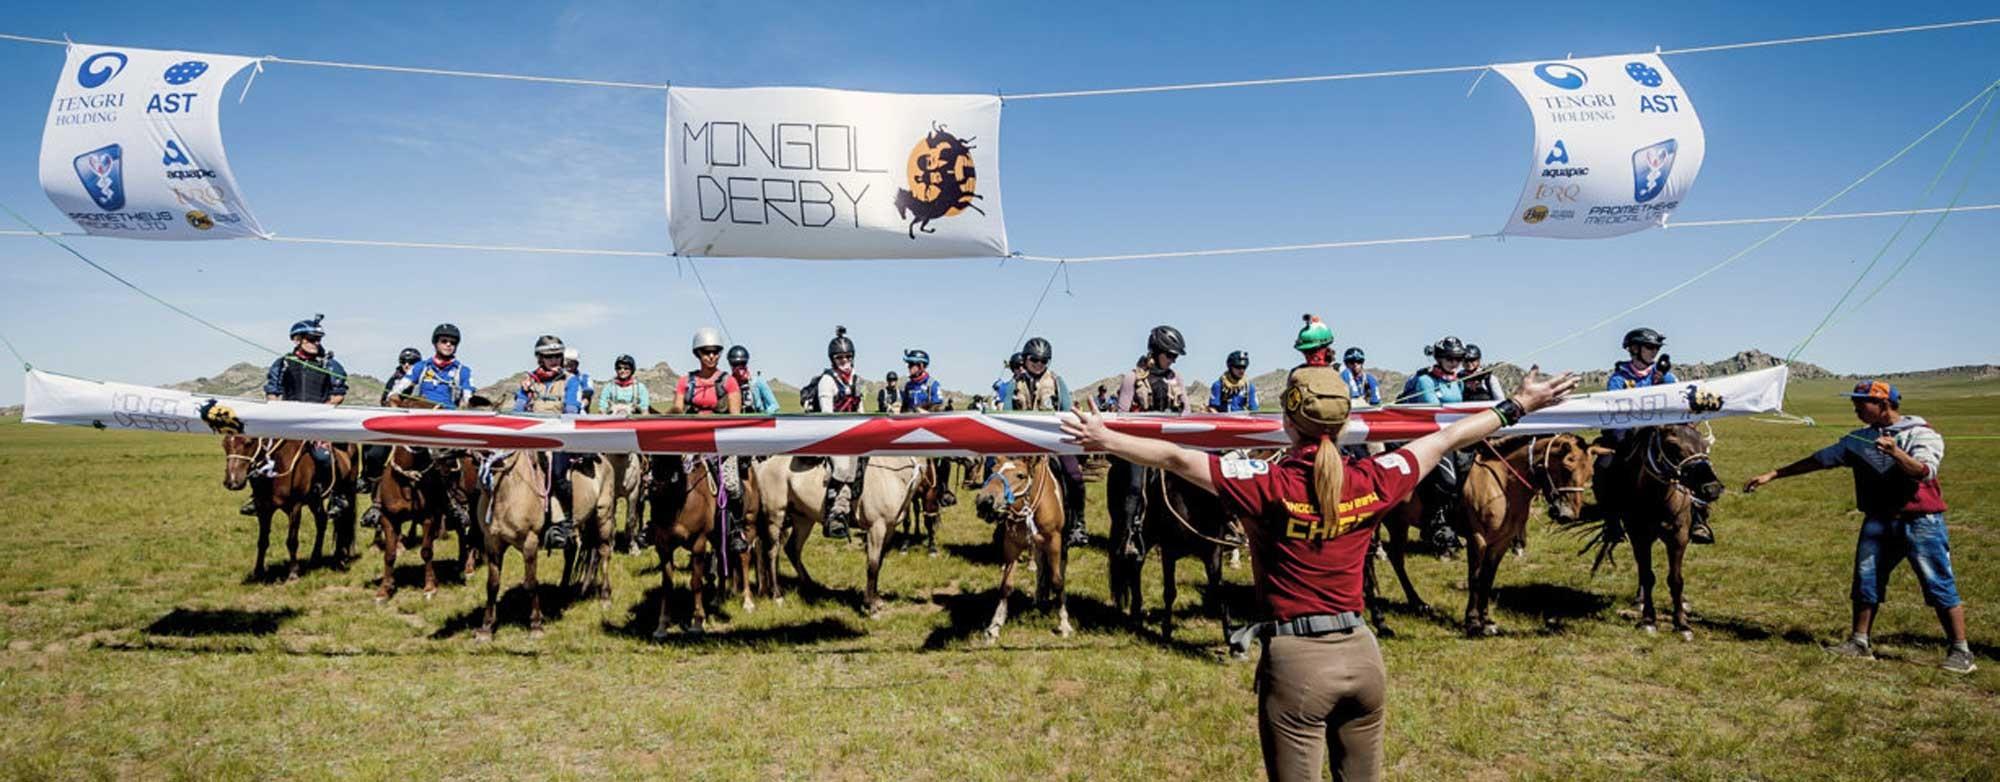 Salida Mongol-derby